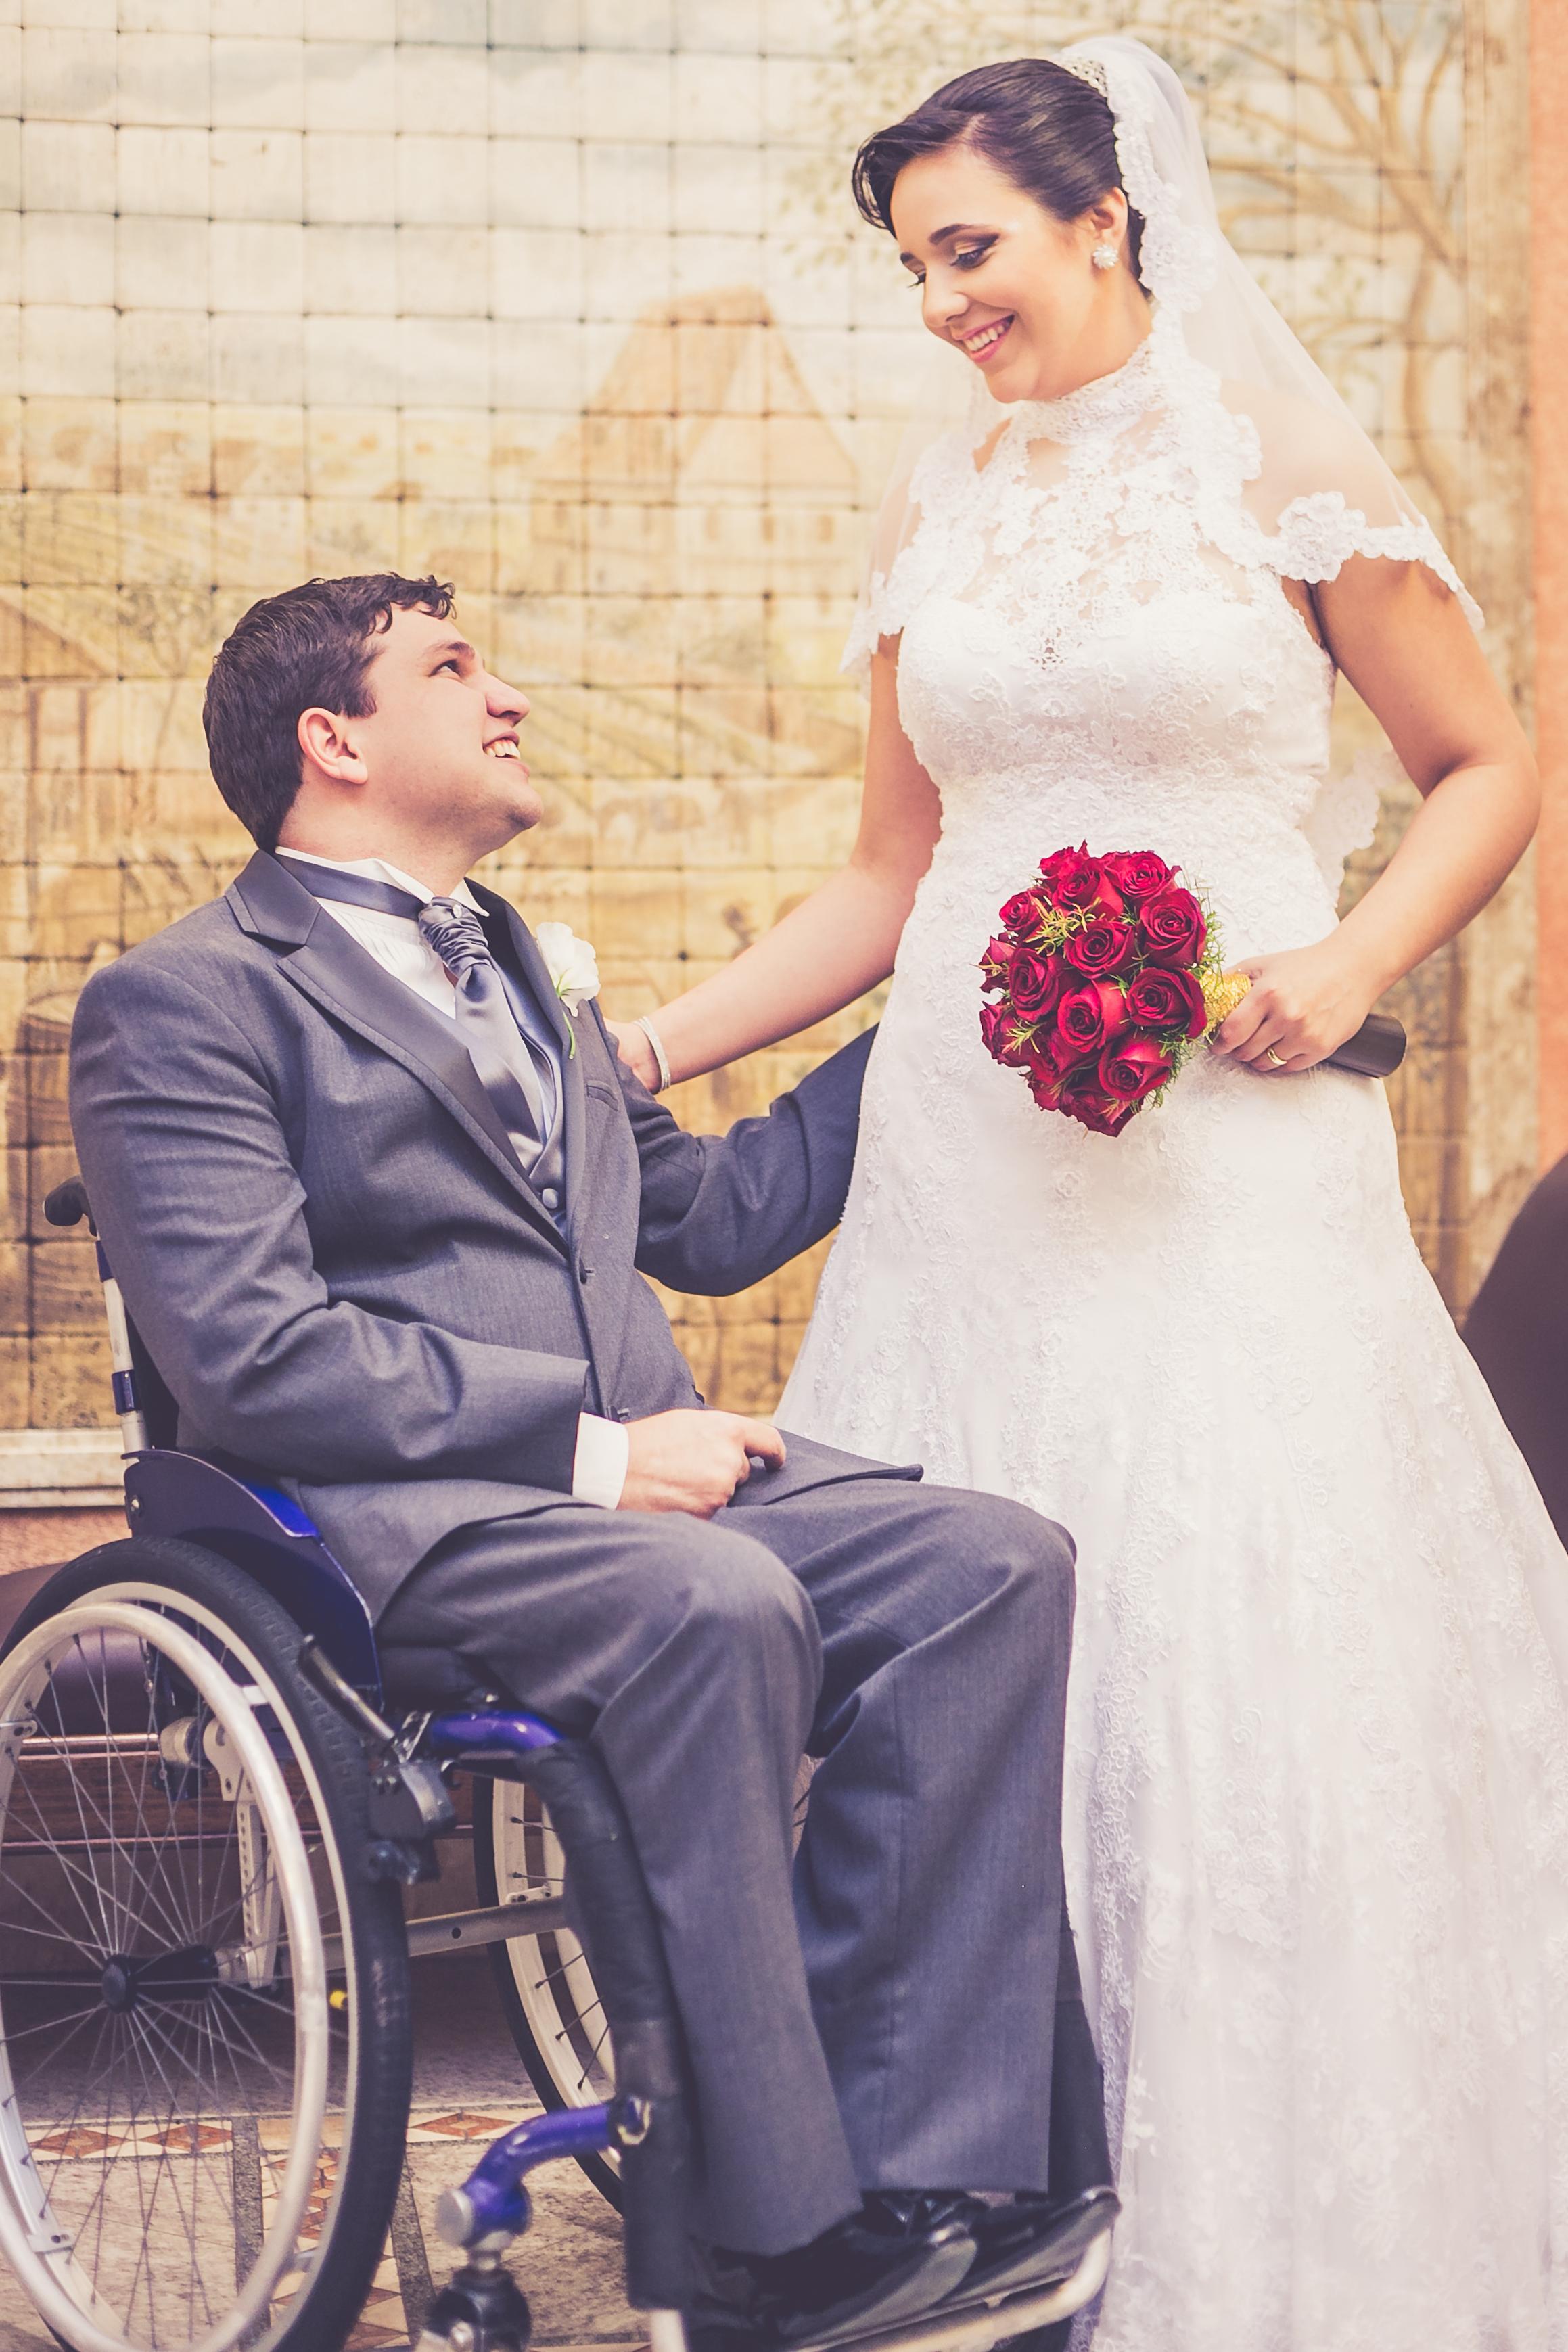 Contate Fotografo de casamento gestante família Pinhais Curitiba PR Raphaela Persio